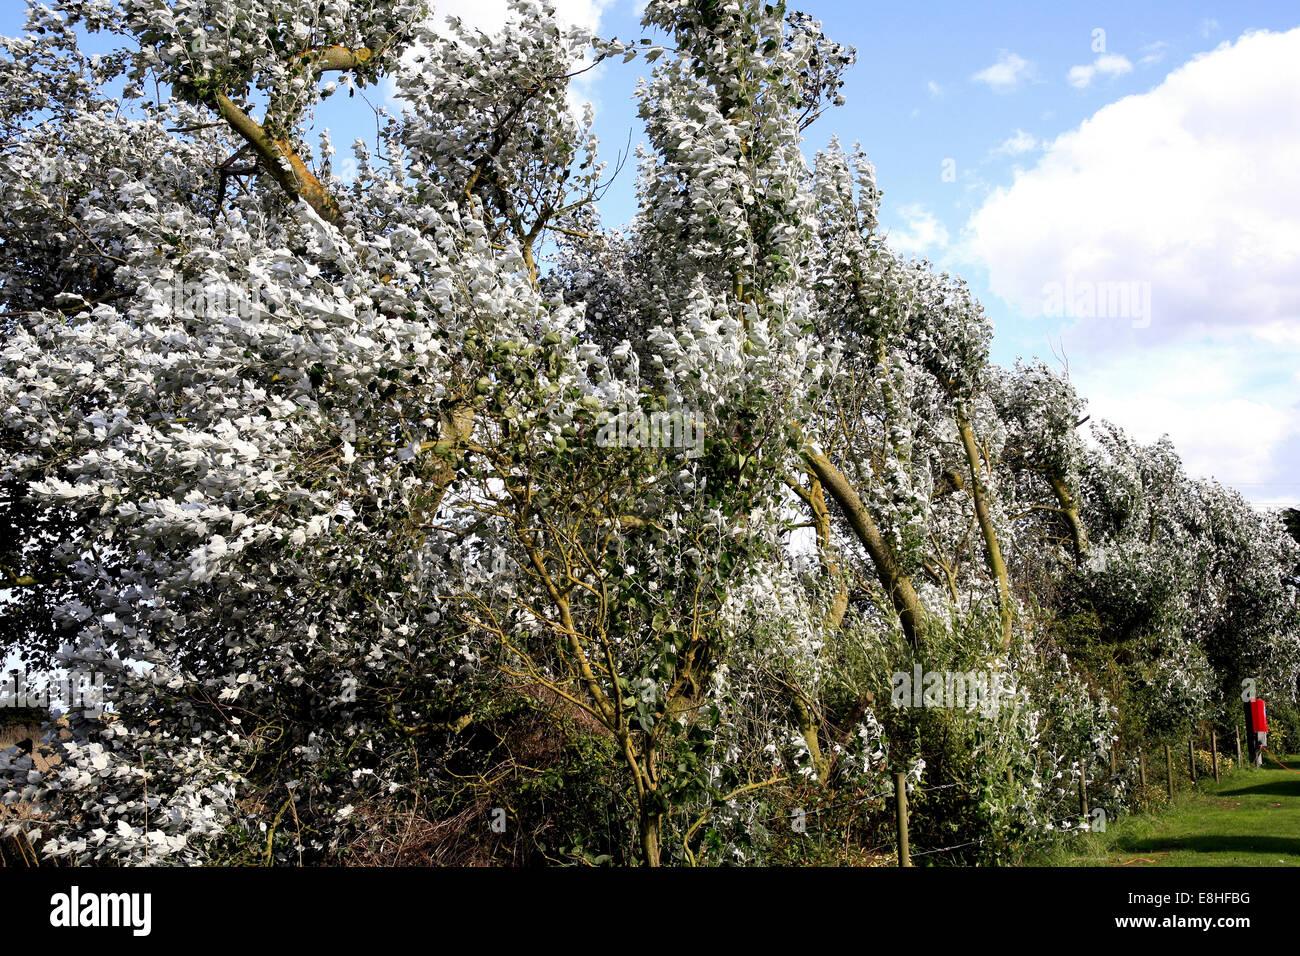 Die Unterseite Silber Blätter des Baumes Silver Maple angezeigt, wenn der Wind weht. Stockfoto